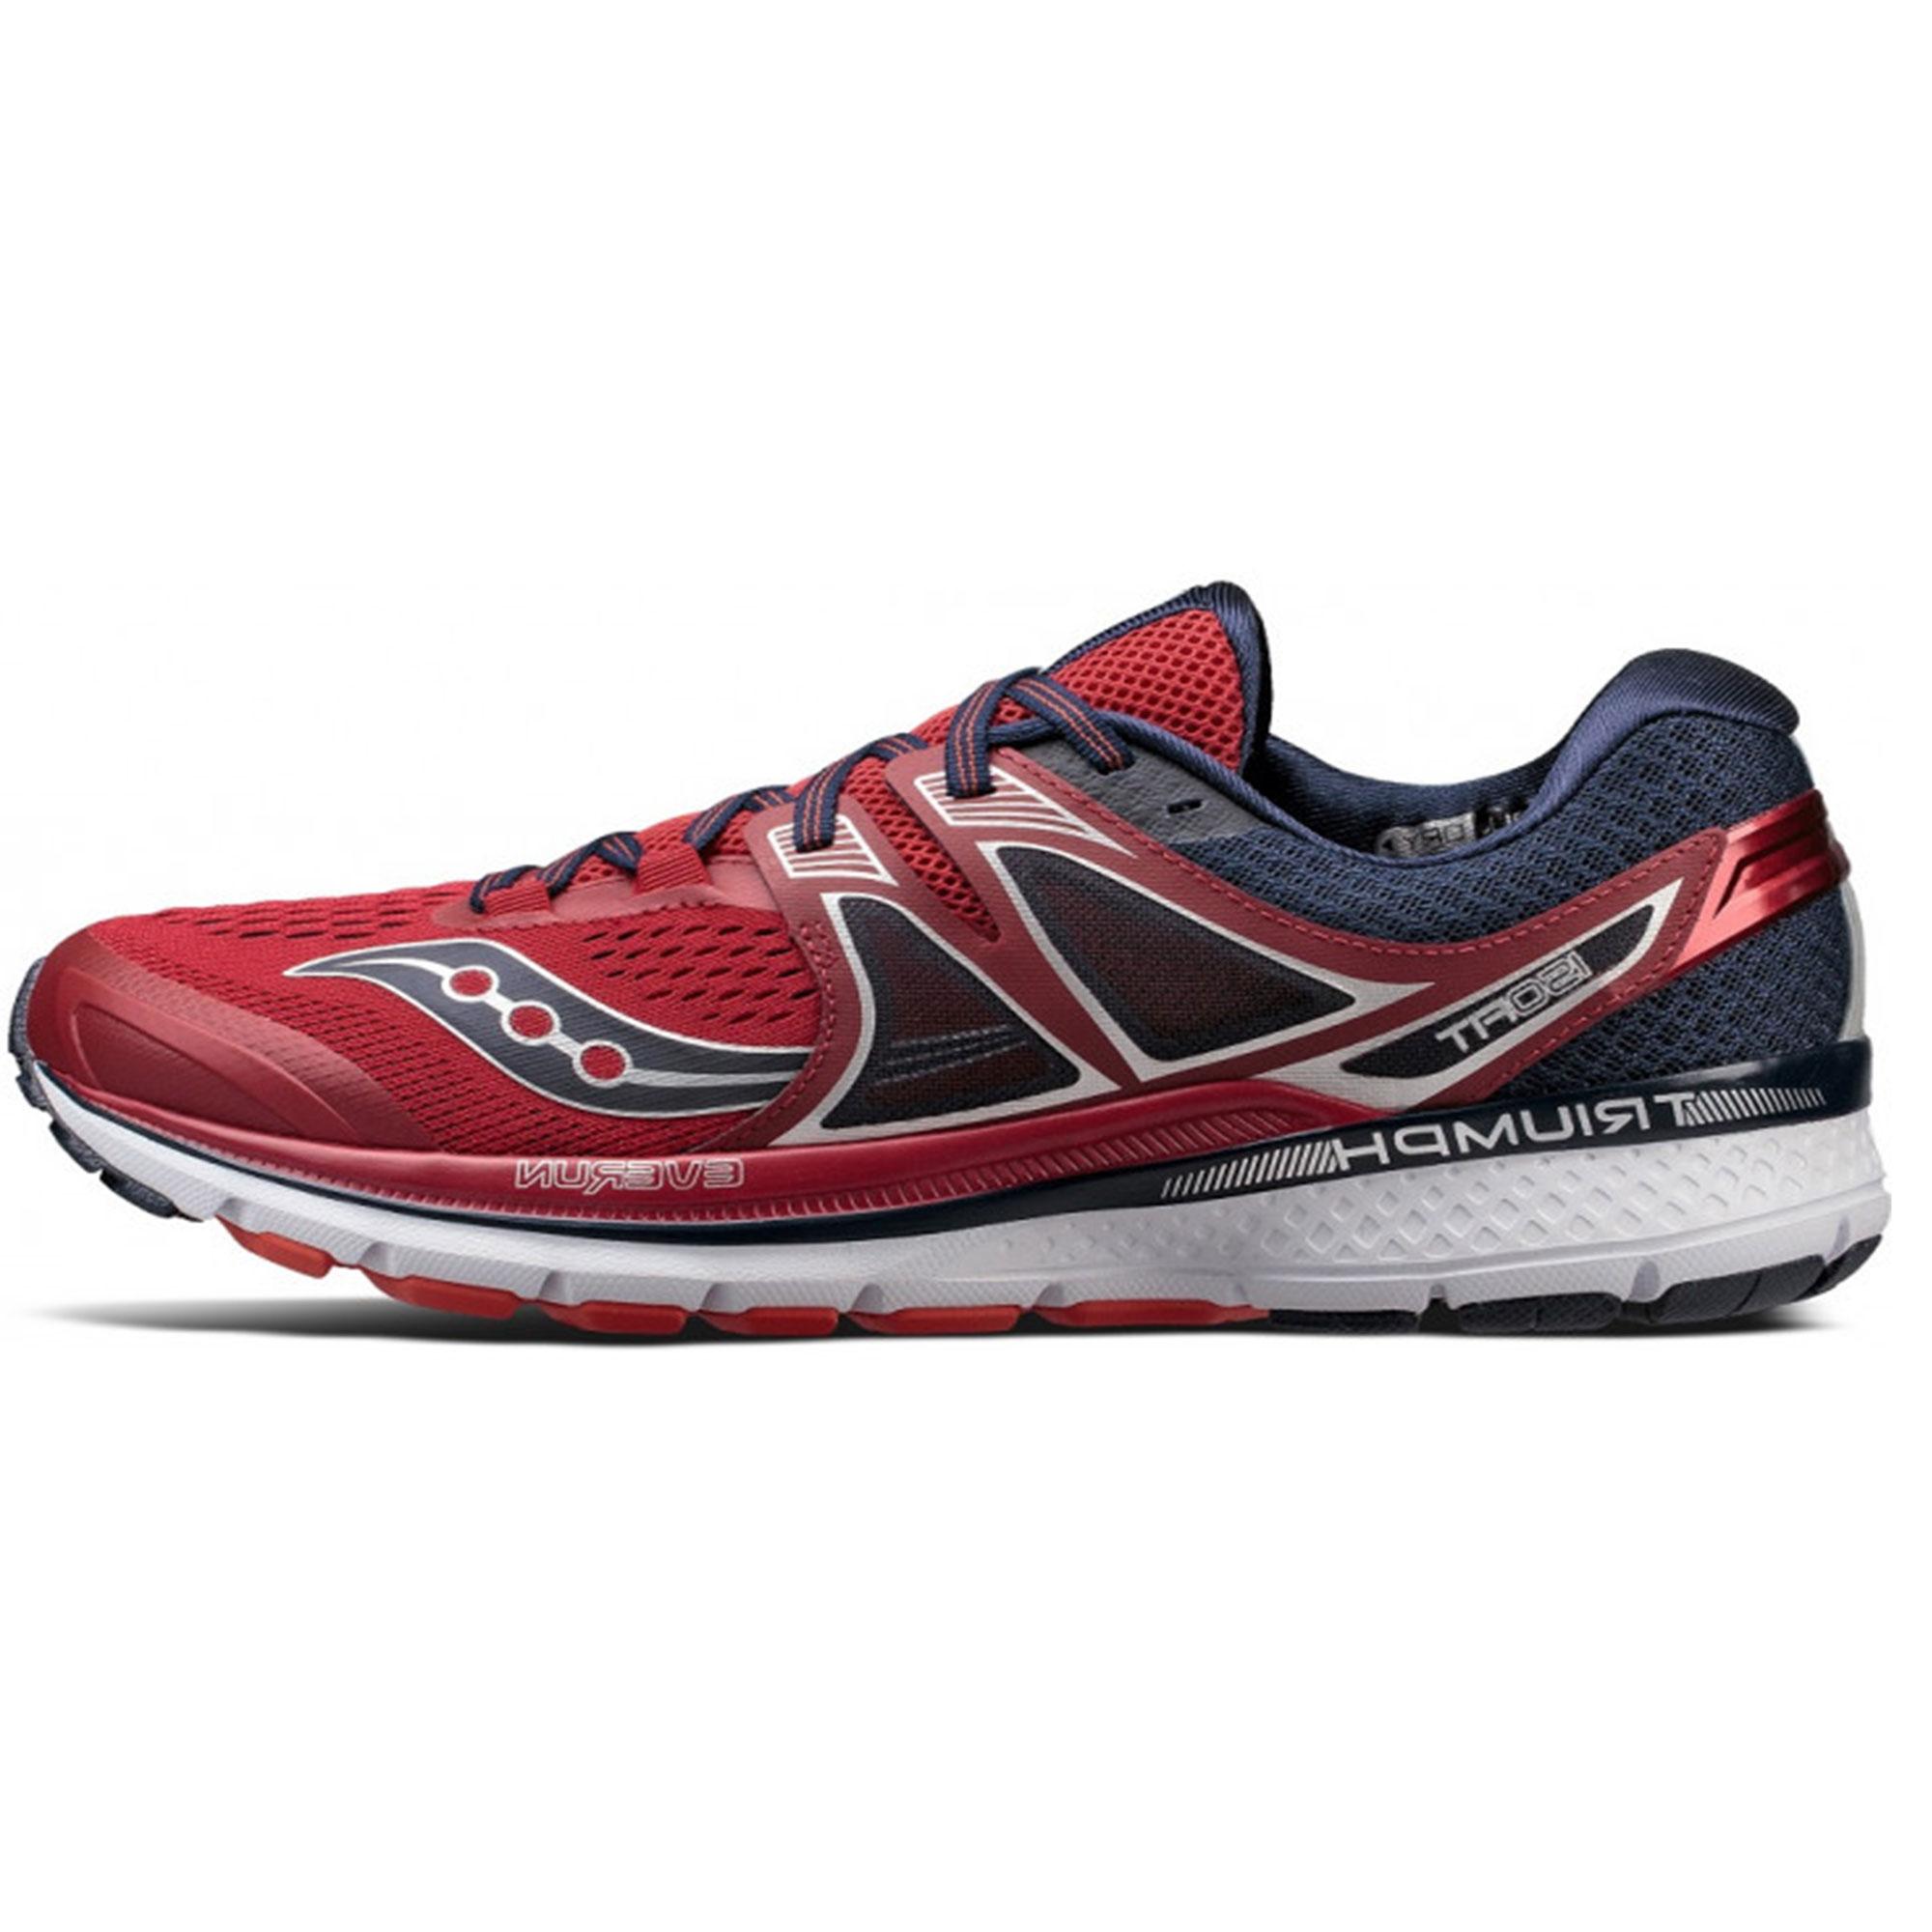 قیمت کفش مخصوص پیاده روی و دویدن مردانه ساکنی مدل Triomph 3